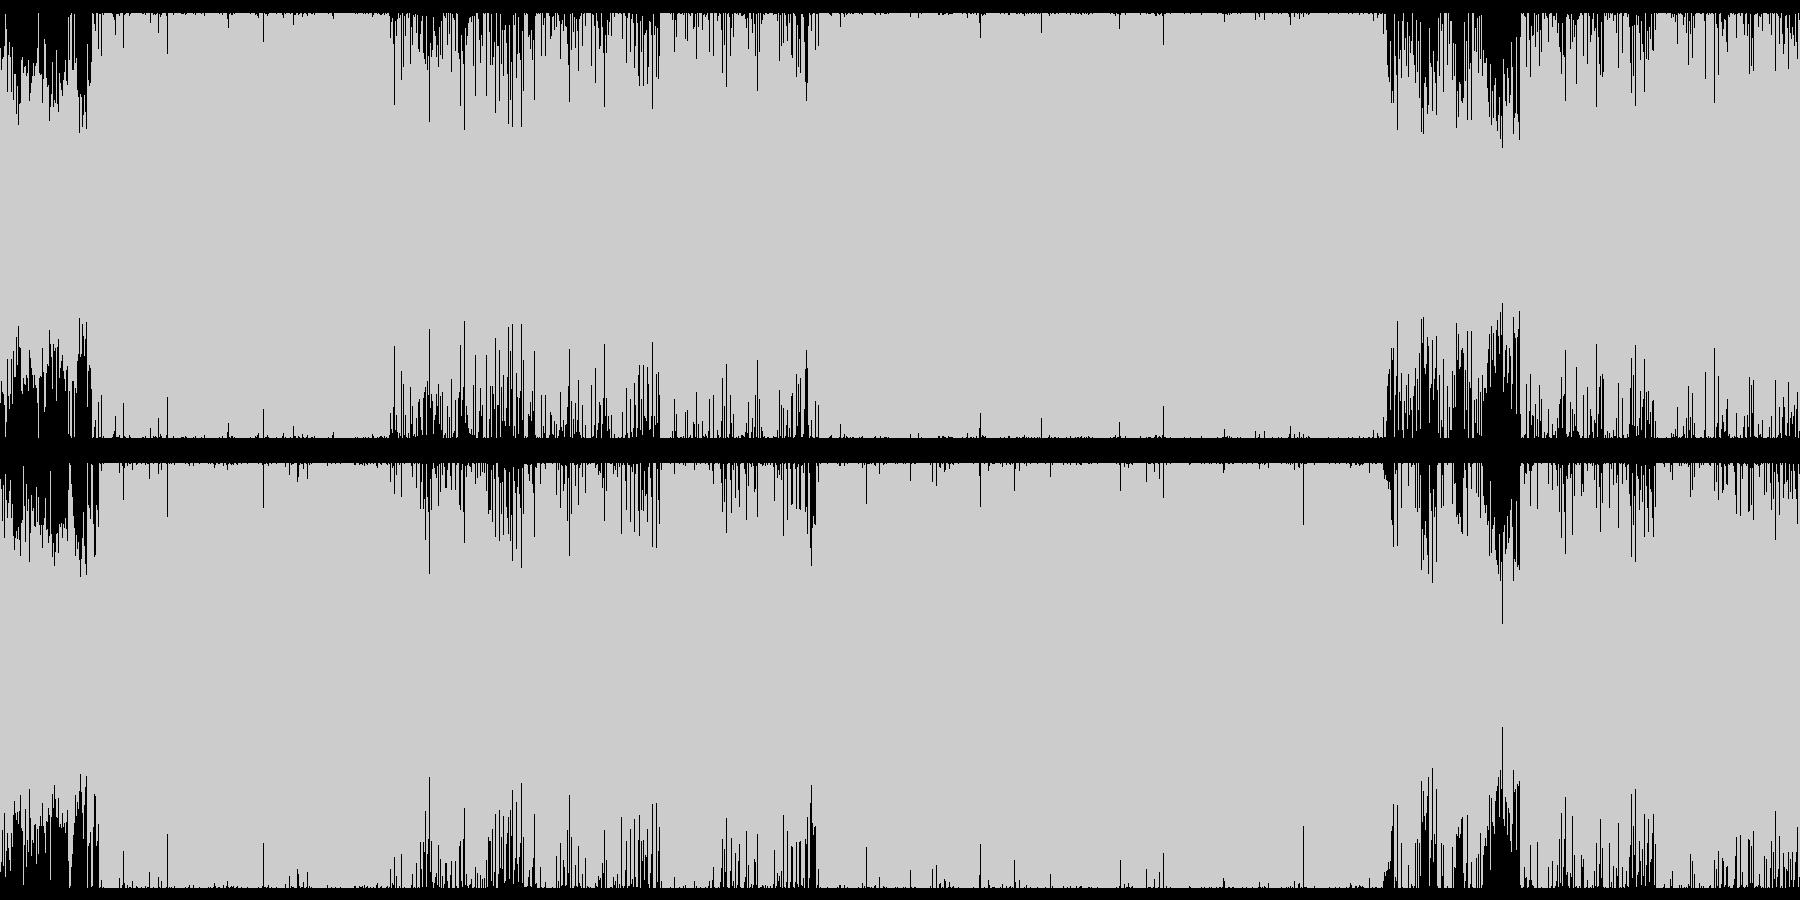 メロディアスで疾走感のある戦闘曲ループの未再生の波形